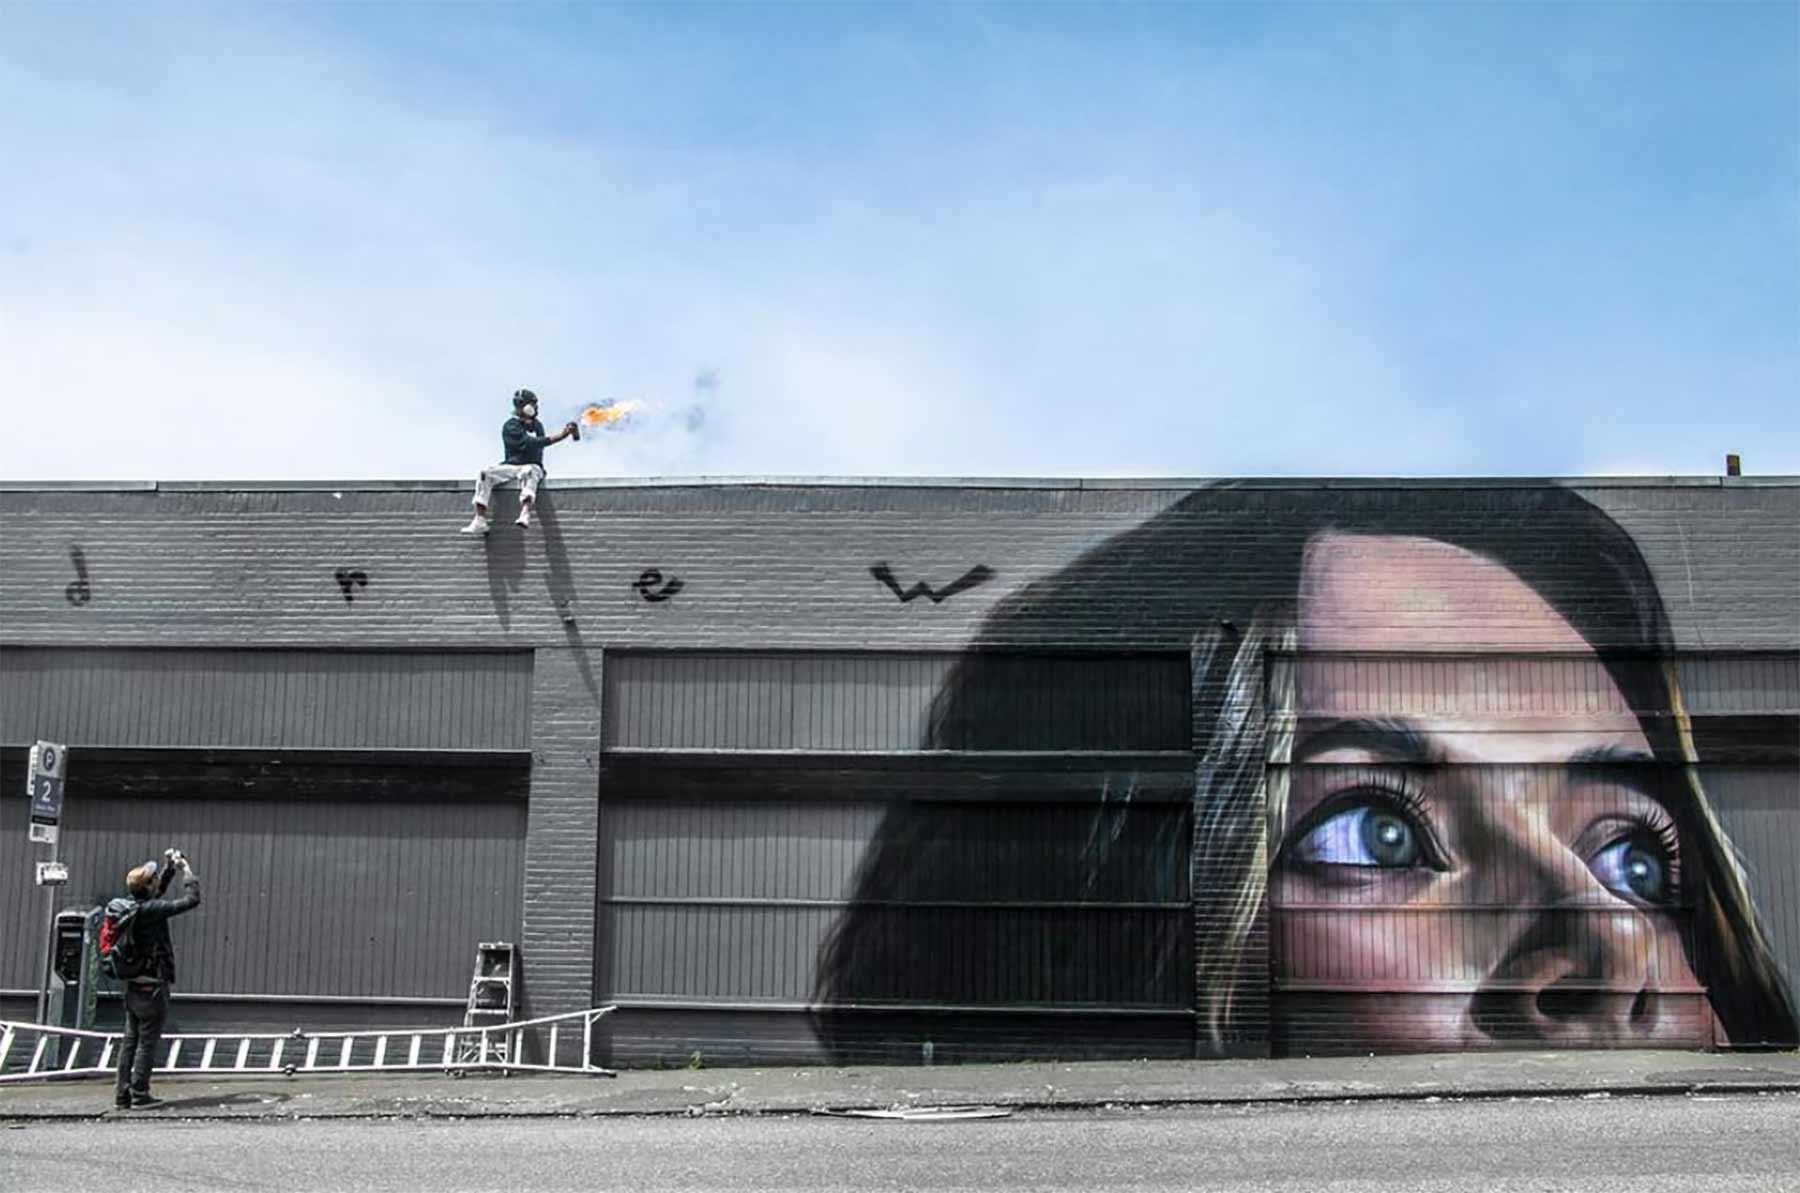 Street Art: Drew Merritt Drew-Merritt_06